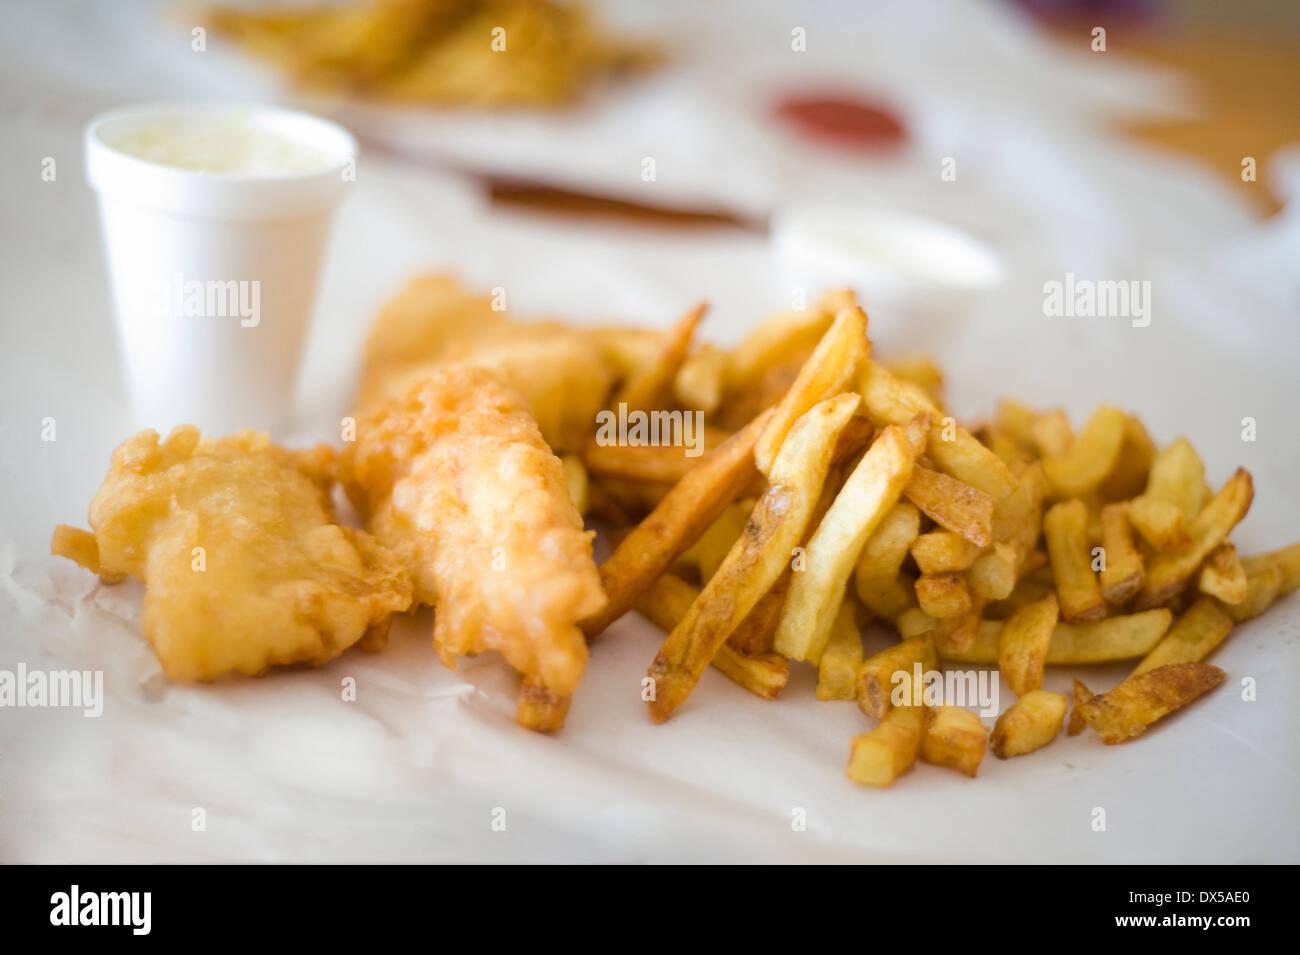 Take-out pesce e patatine su carta marrone con un lato della coleslaw in una coppa di polistirolo espanso Immagini Stock